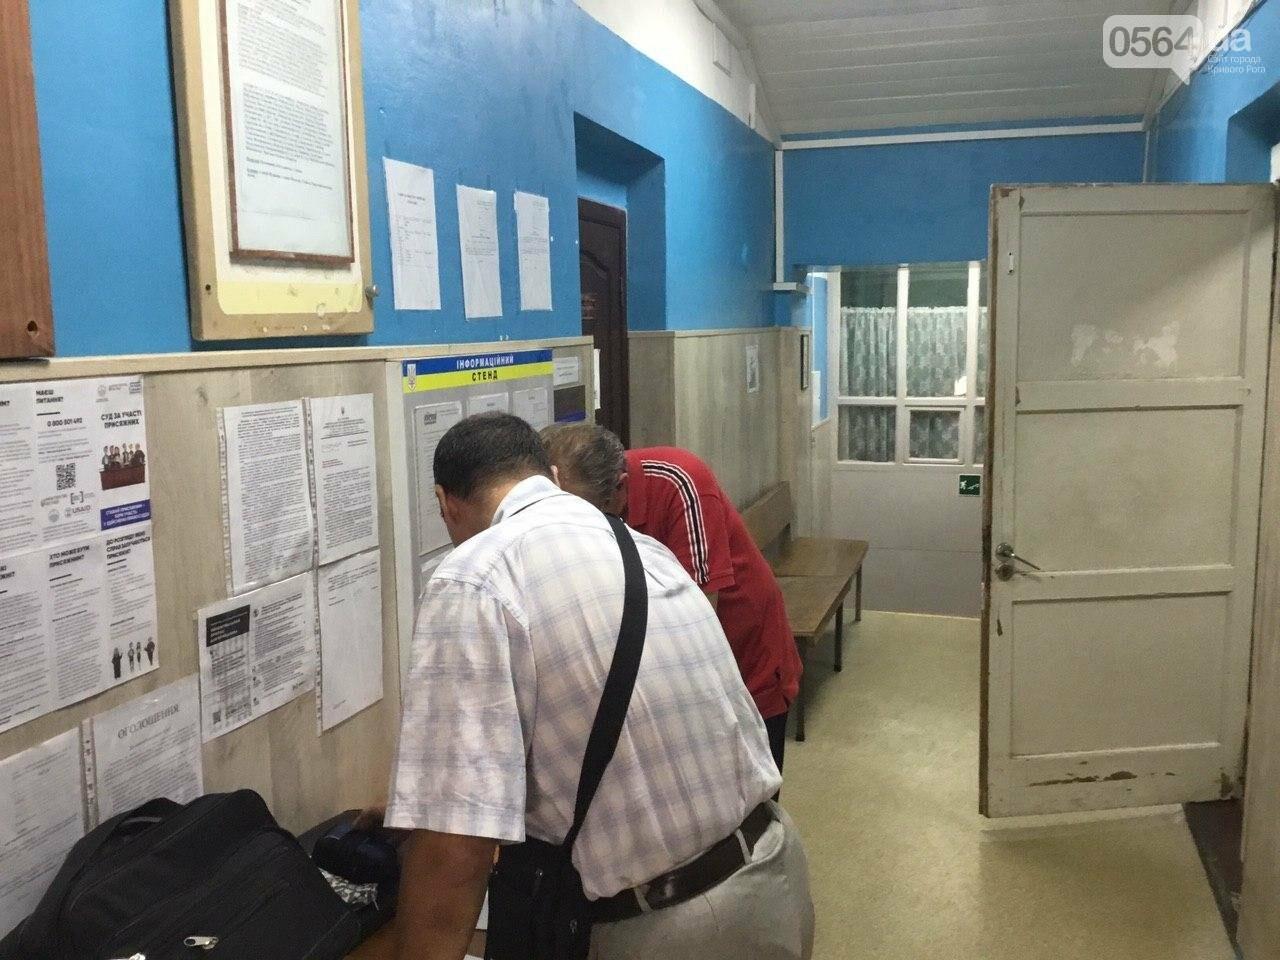 Иск против Российской Федерации в Кривом Роге: заседание не состоялось, судья на сутки удалился в совещательную комнату, - ФОТО, ВИДЕО, фото-5